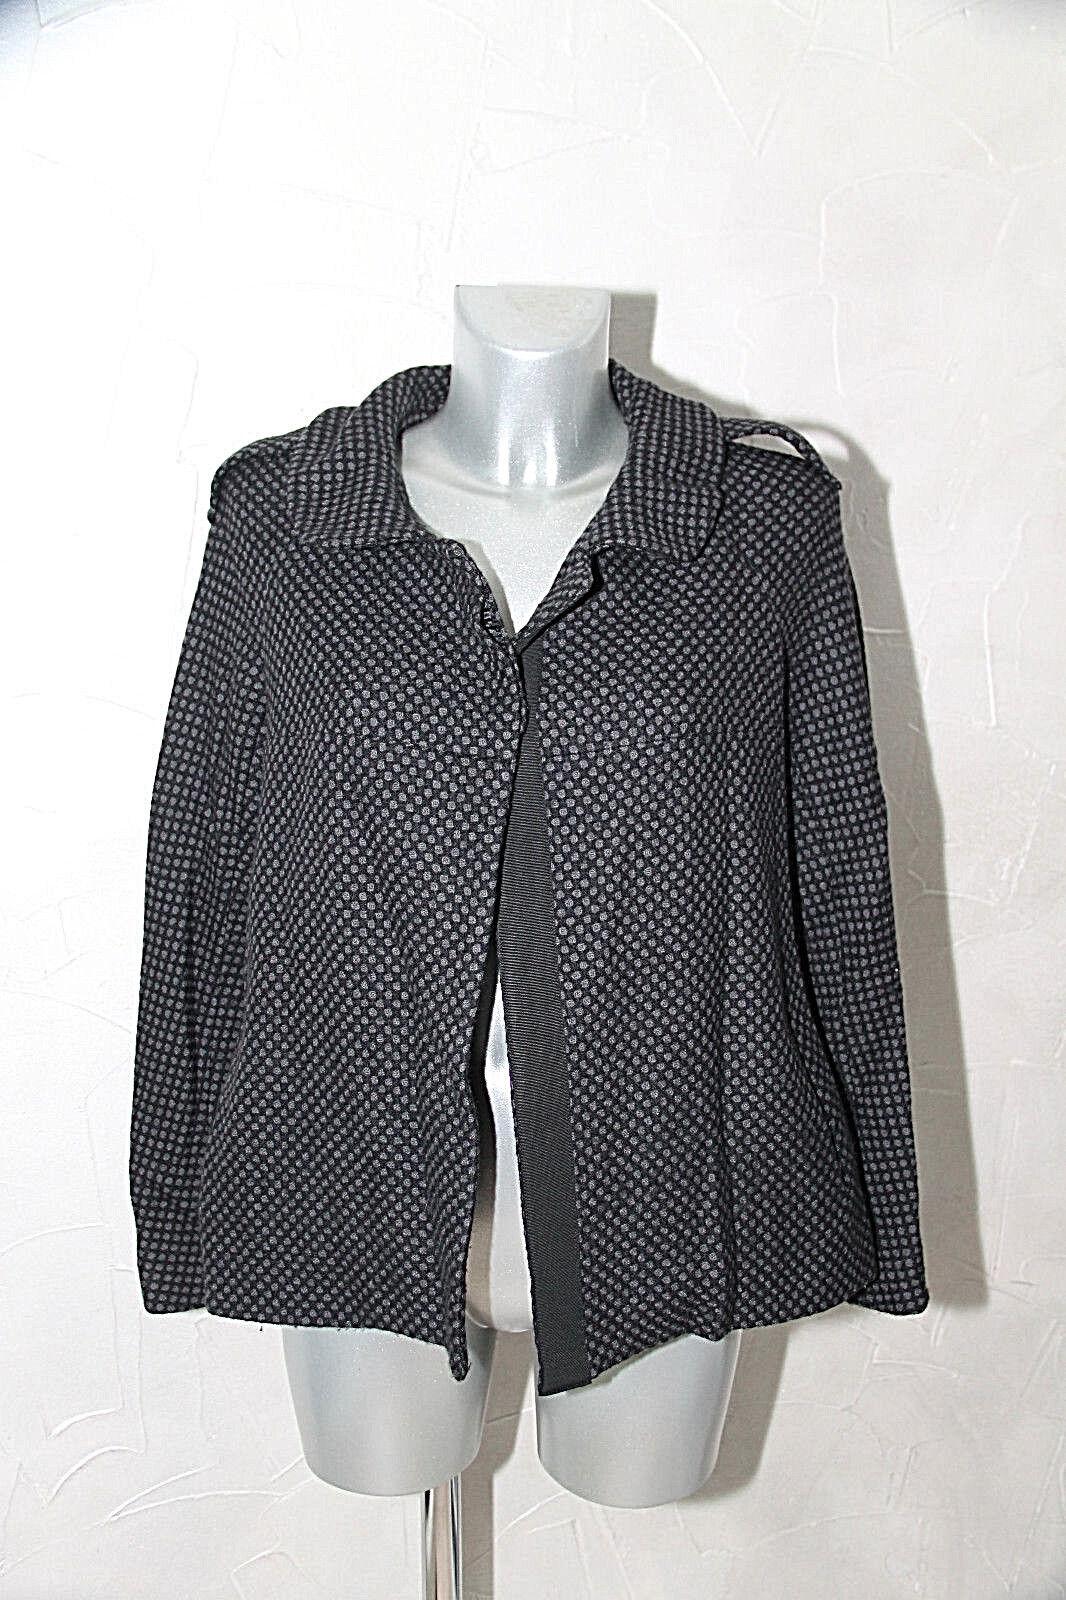 Jolie luxueuse coat veste paletot hiver SANDRO size 42 EXCELLENT ÉTAT